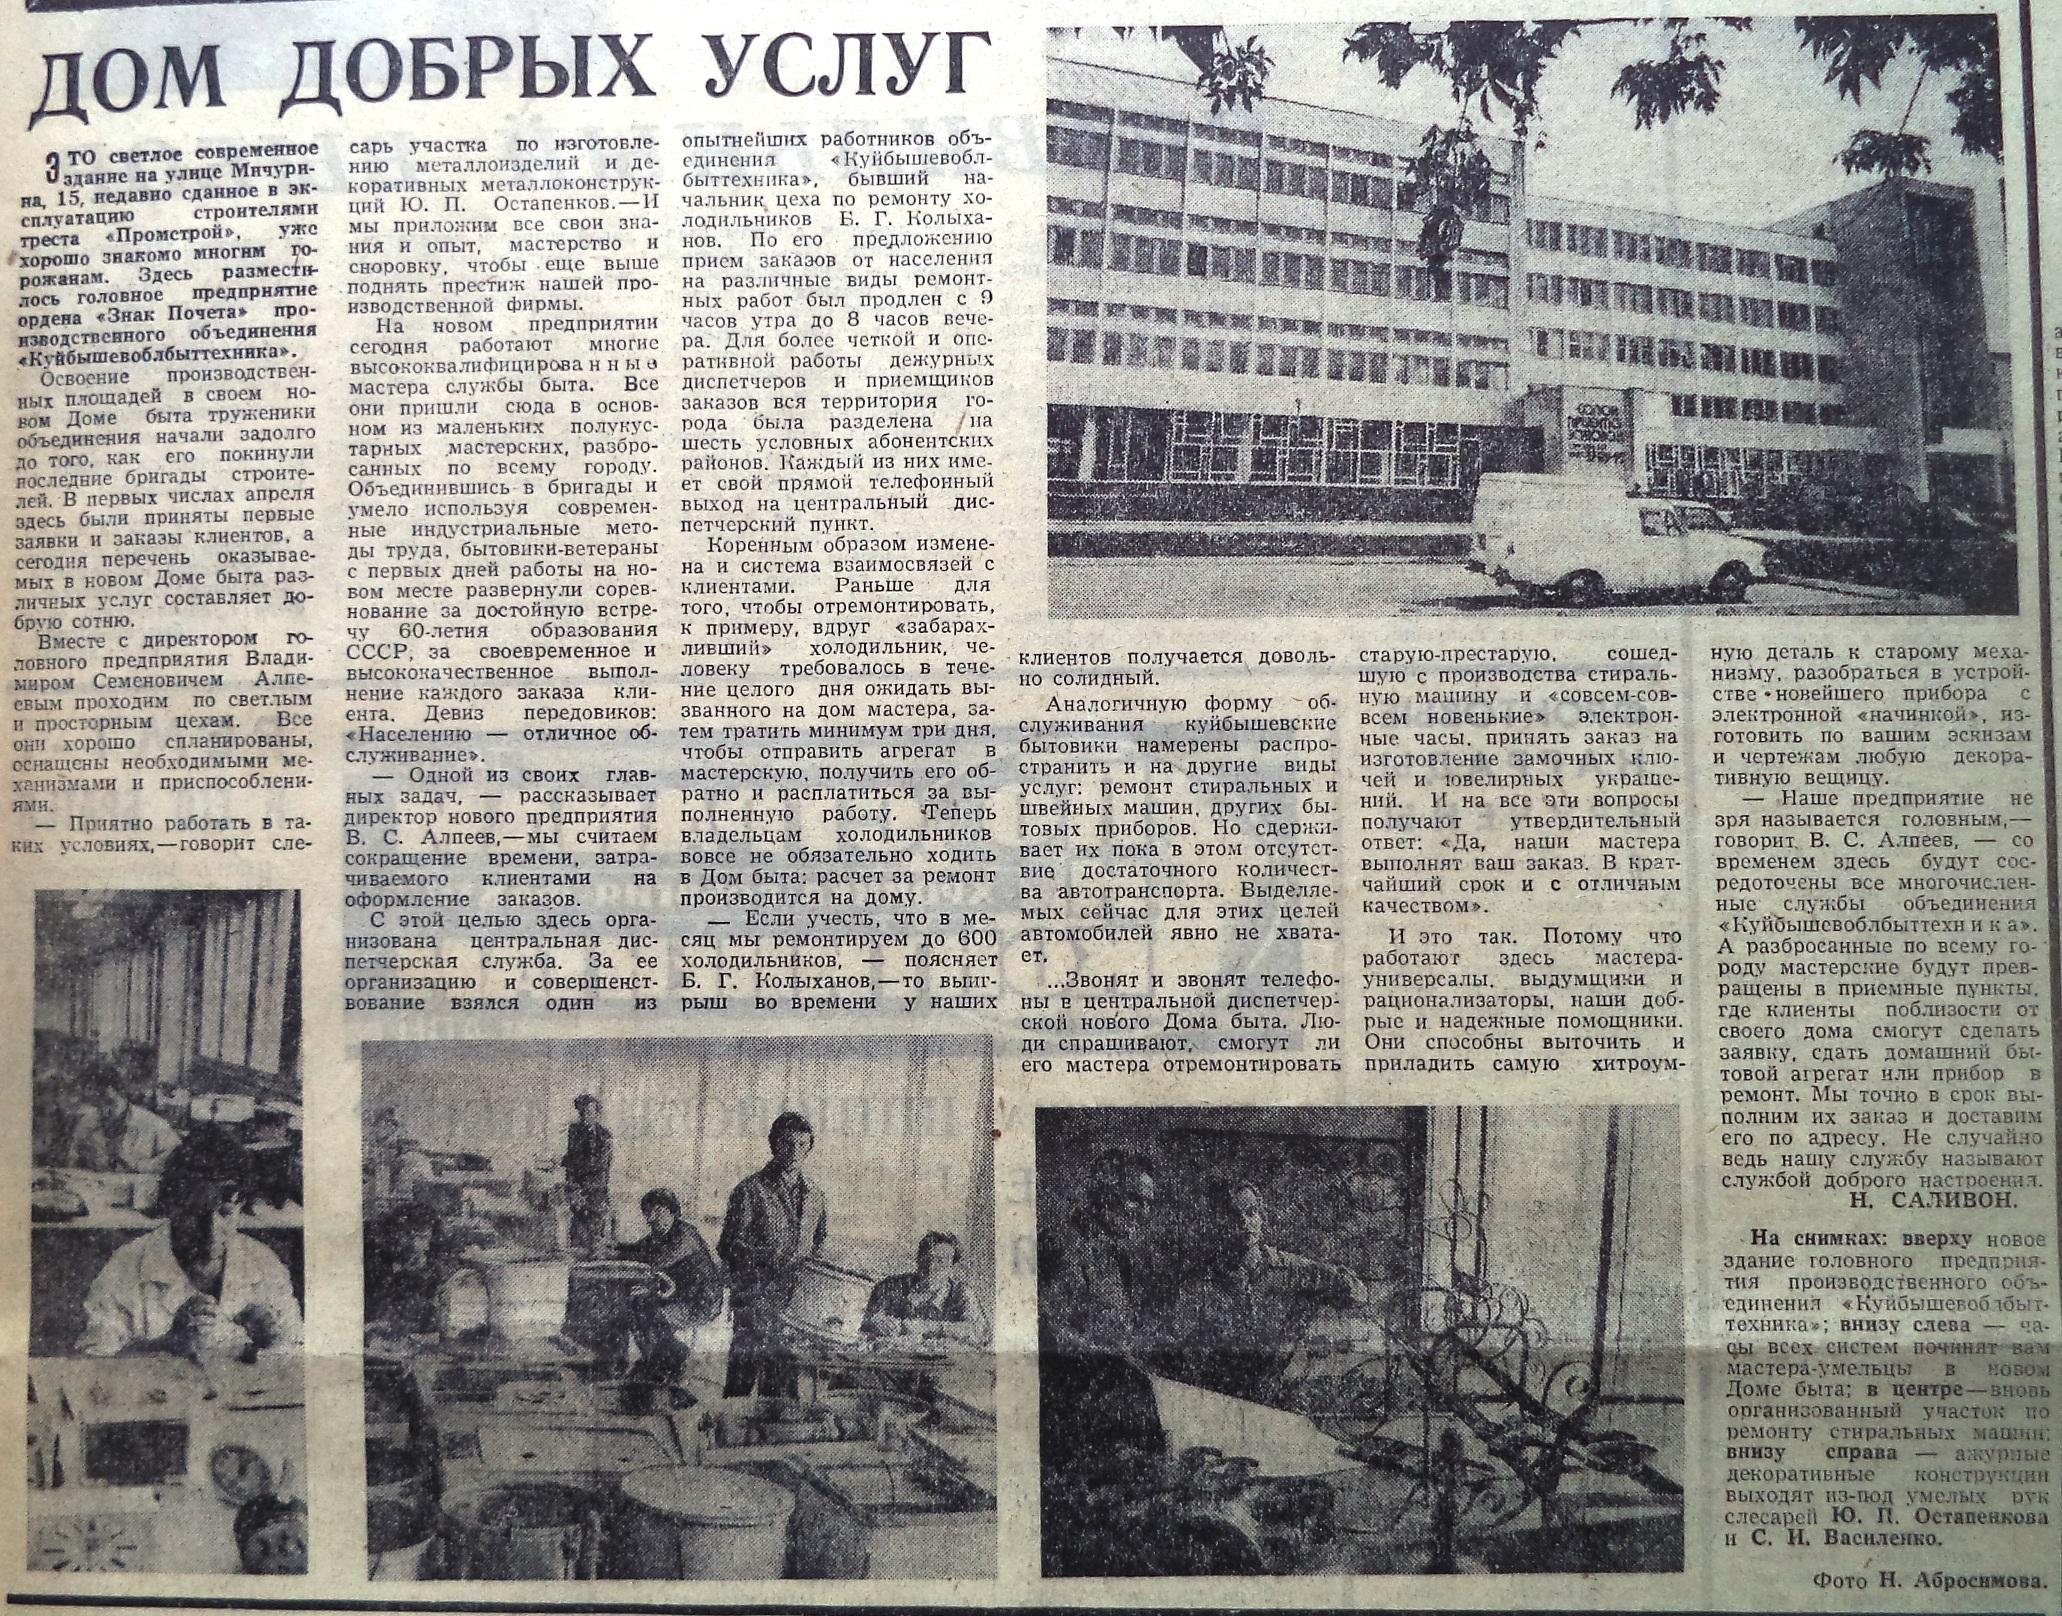 Акв.-ФОТО-05-ВЗя-1982-07-08-репортаж об открытии Аквариума